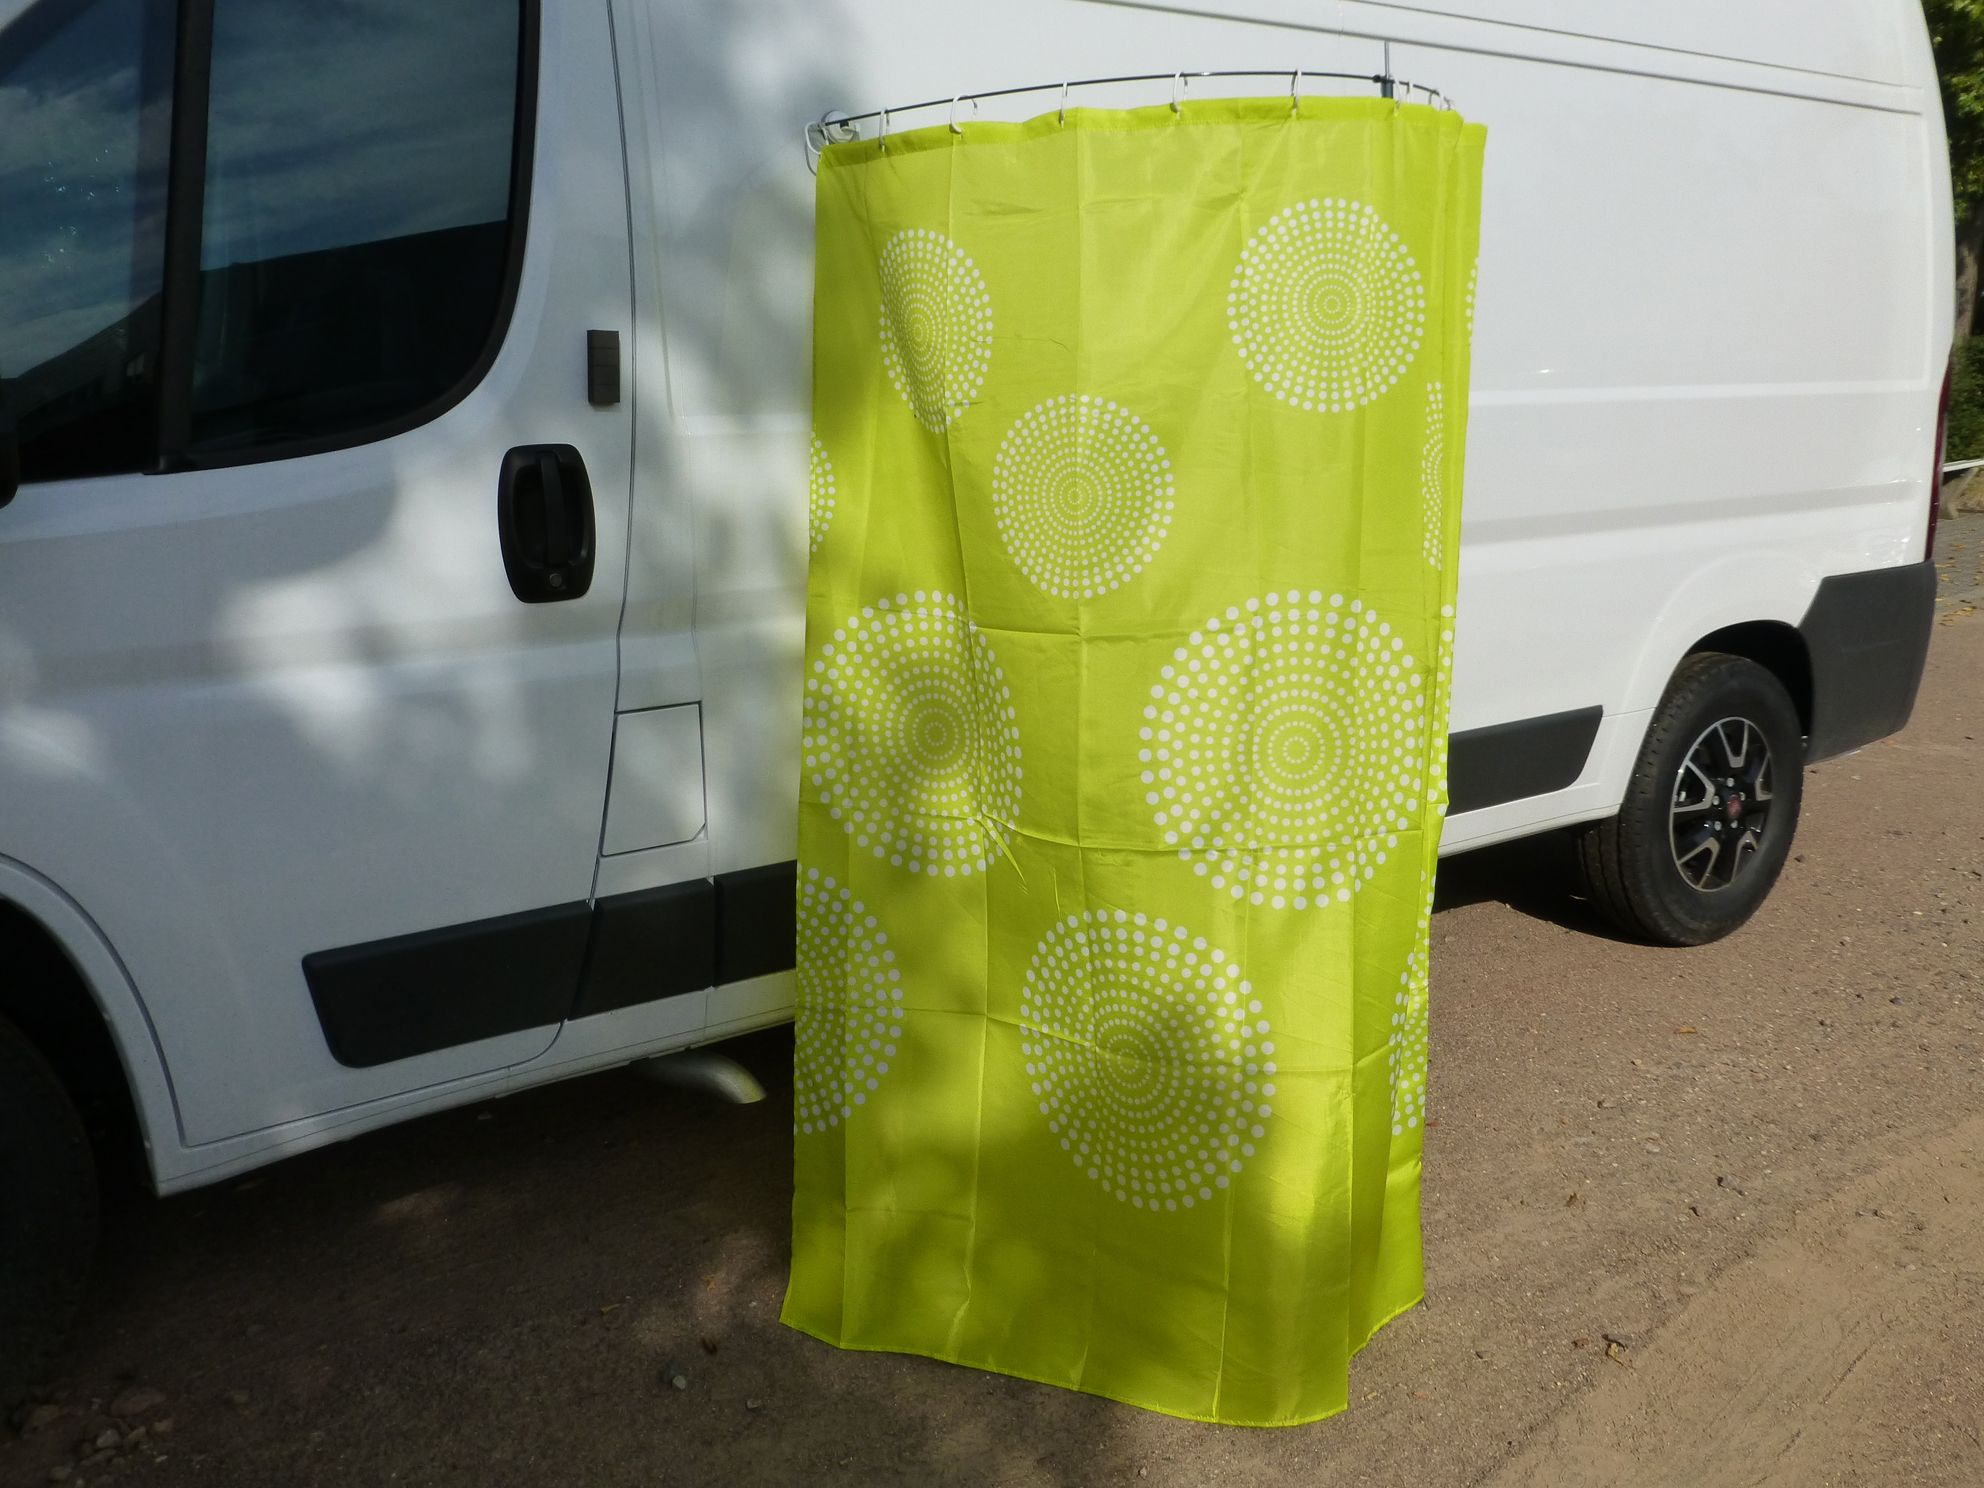 Geniessen Sie Eine Dusche Im Freien Mit Reimos Aussenduschkabine Fur Wohnmobile Und Campingbusse Dusche Reisemobil Wohnmobil